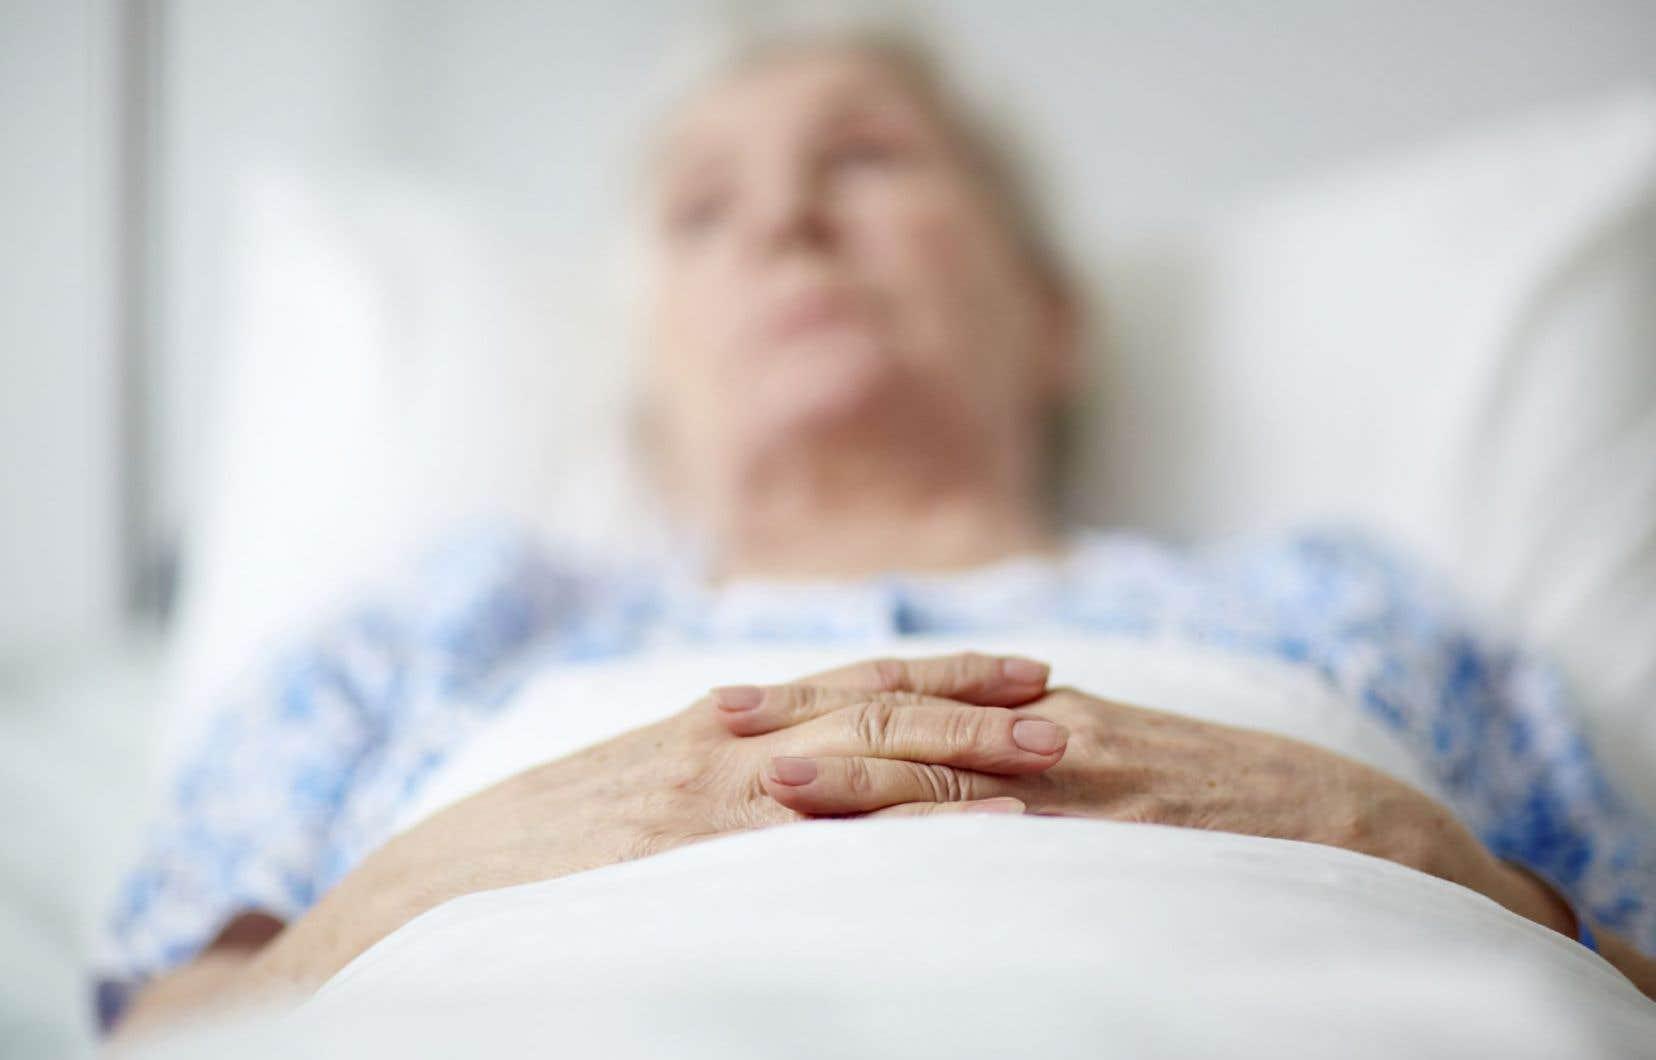 Selon le ministère de la Santé, la proportion de demandes d'aide à mourir compte pour environ 2% des décès dans les pays qui ont adopté des lois autorisant ce soin de fin de vie.